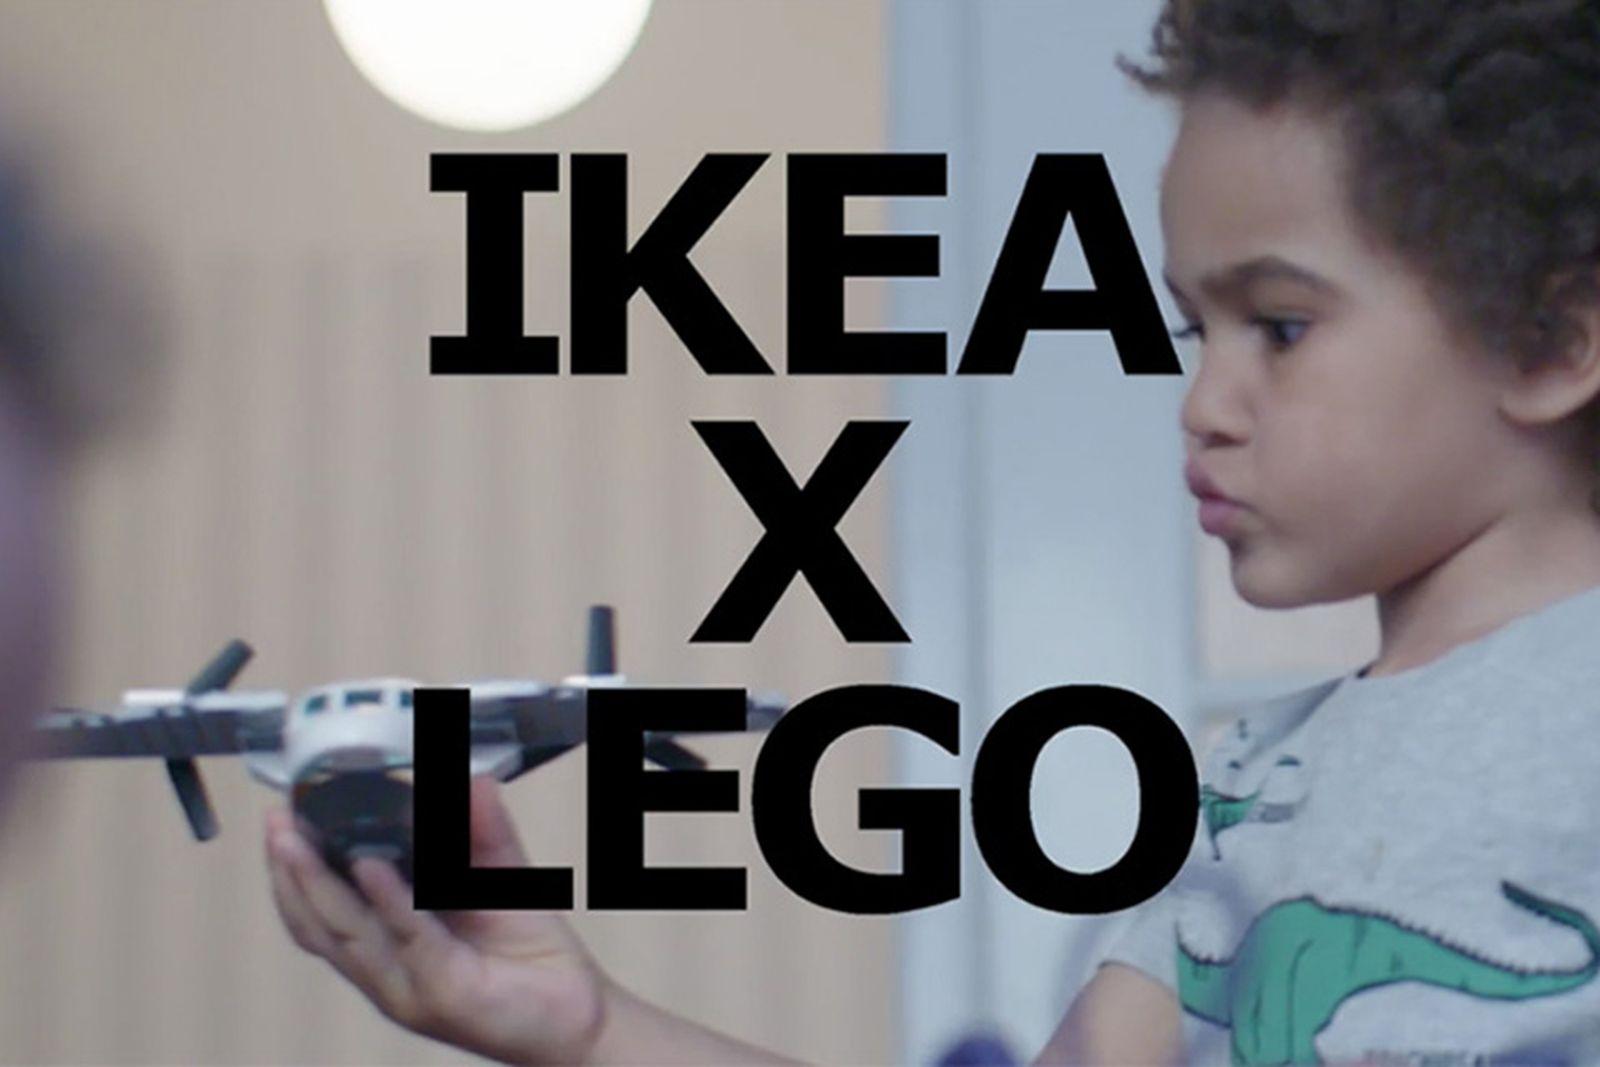 ikea lego IKEA x LEGO